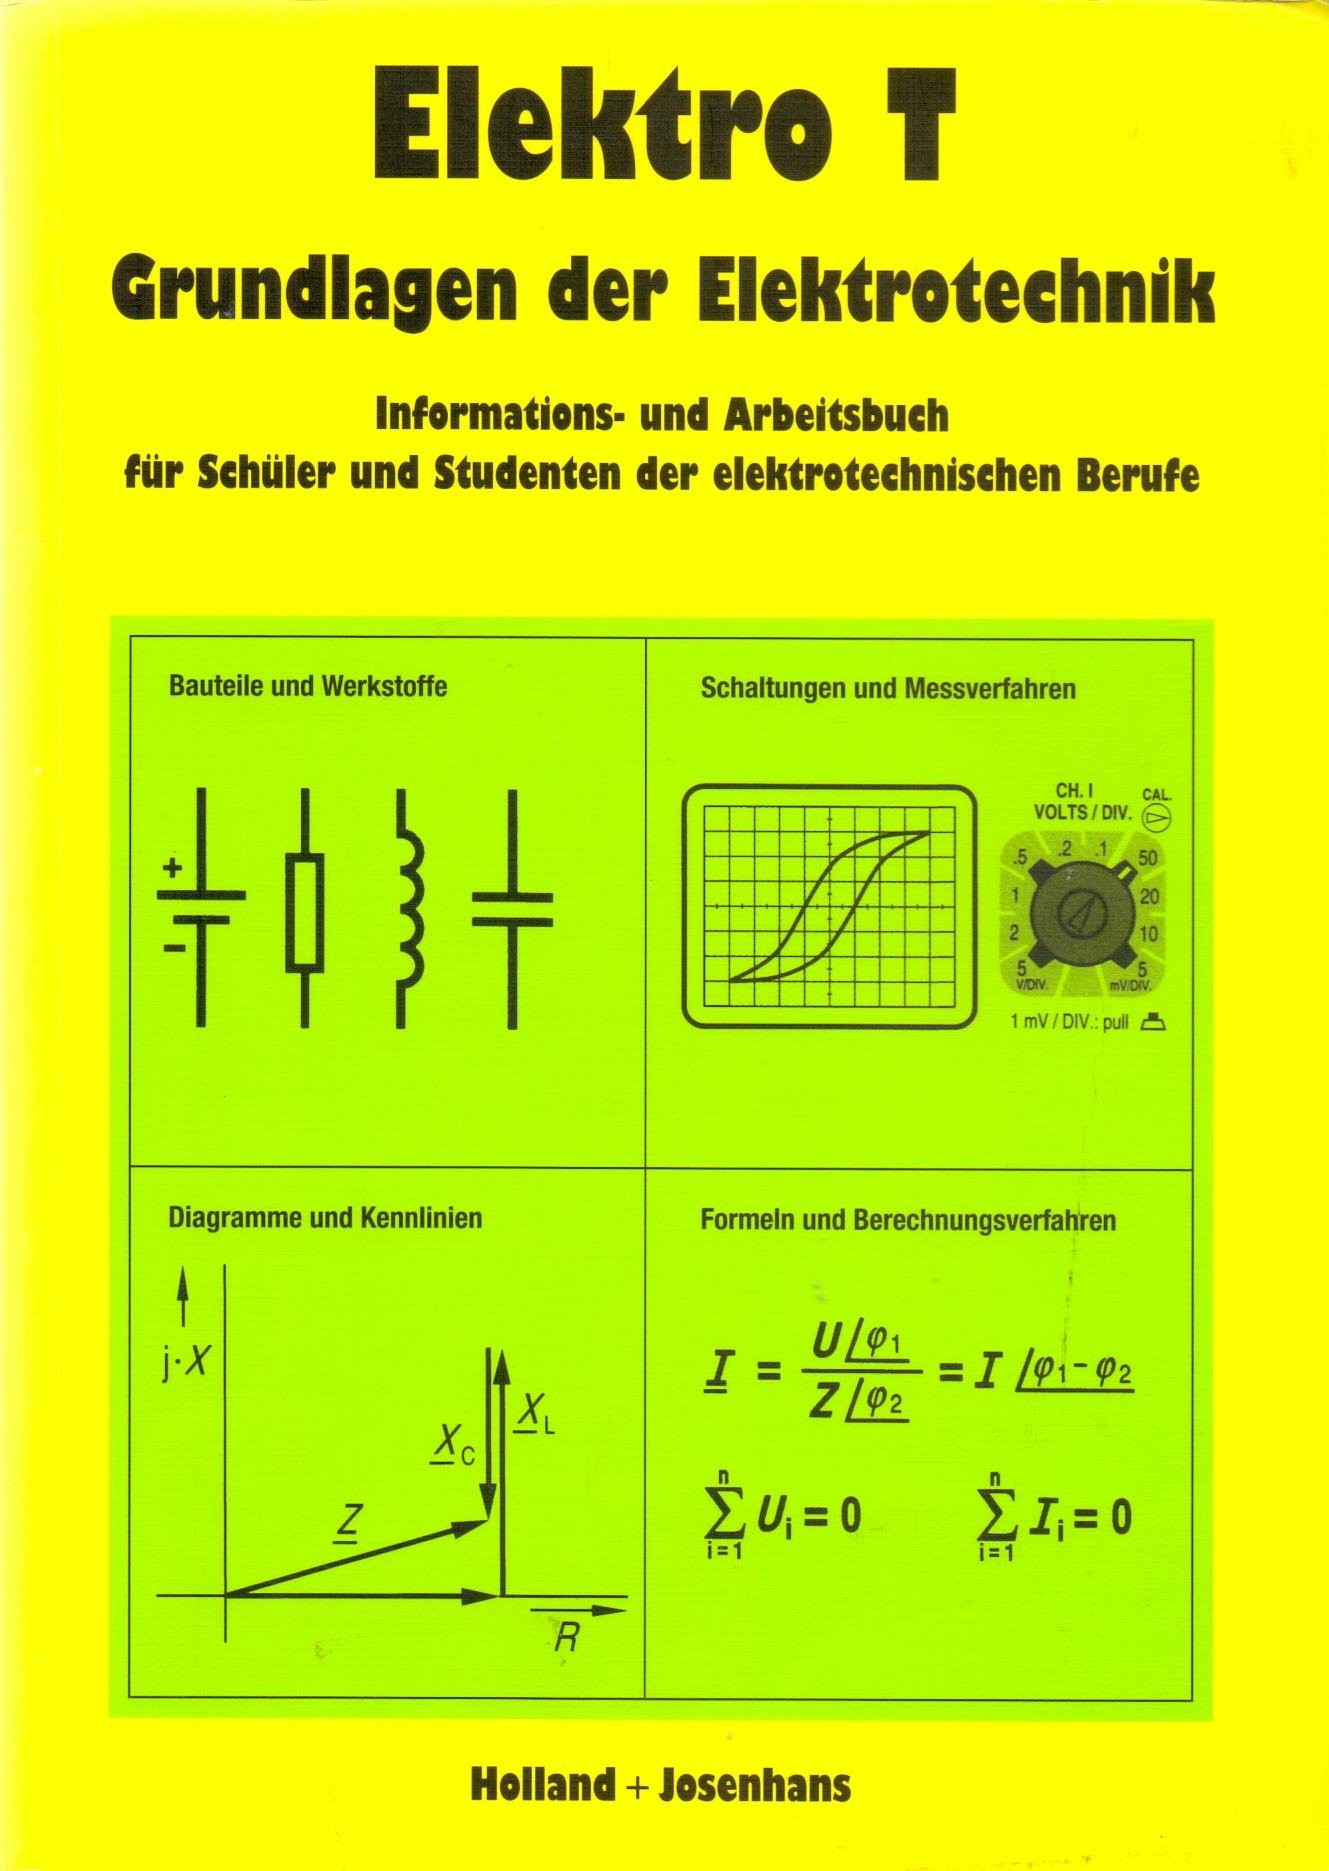 Elektro-T: Grundlagen der Elektrotechnik - Informations- und Arbeitsbuch für Schüler und Studenten der elektrotechnische